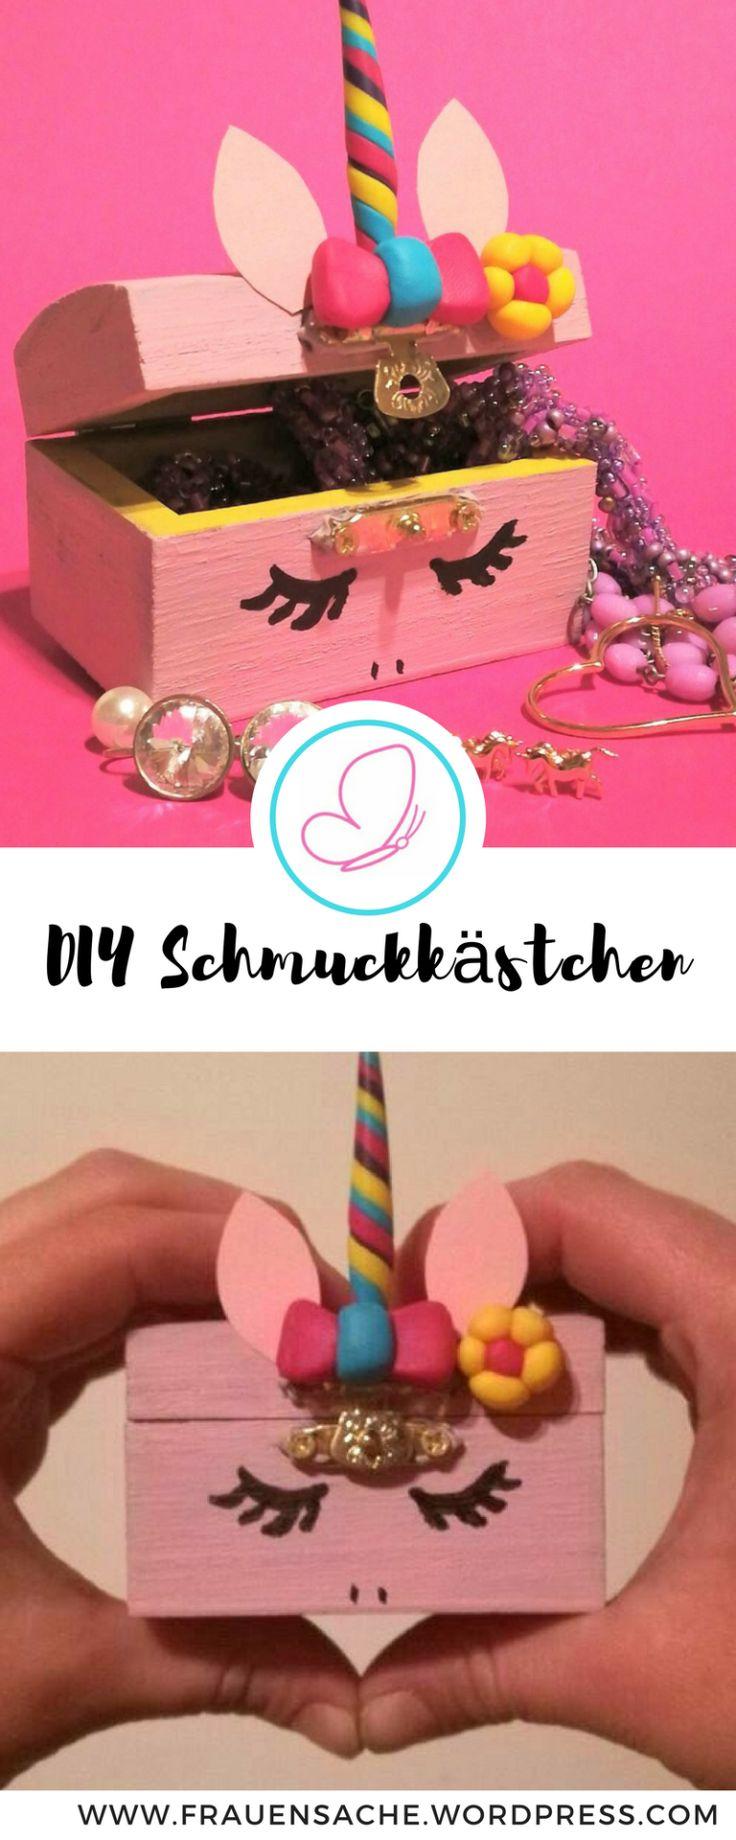 DIY Schmuckkästchen für Einhornfans